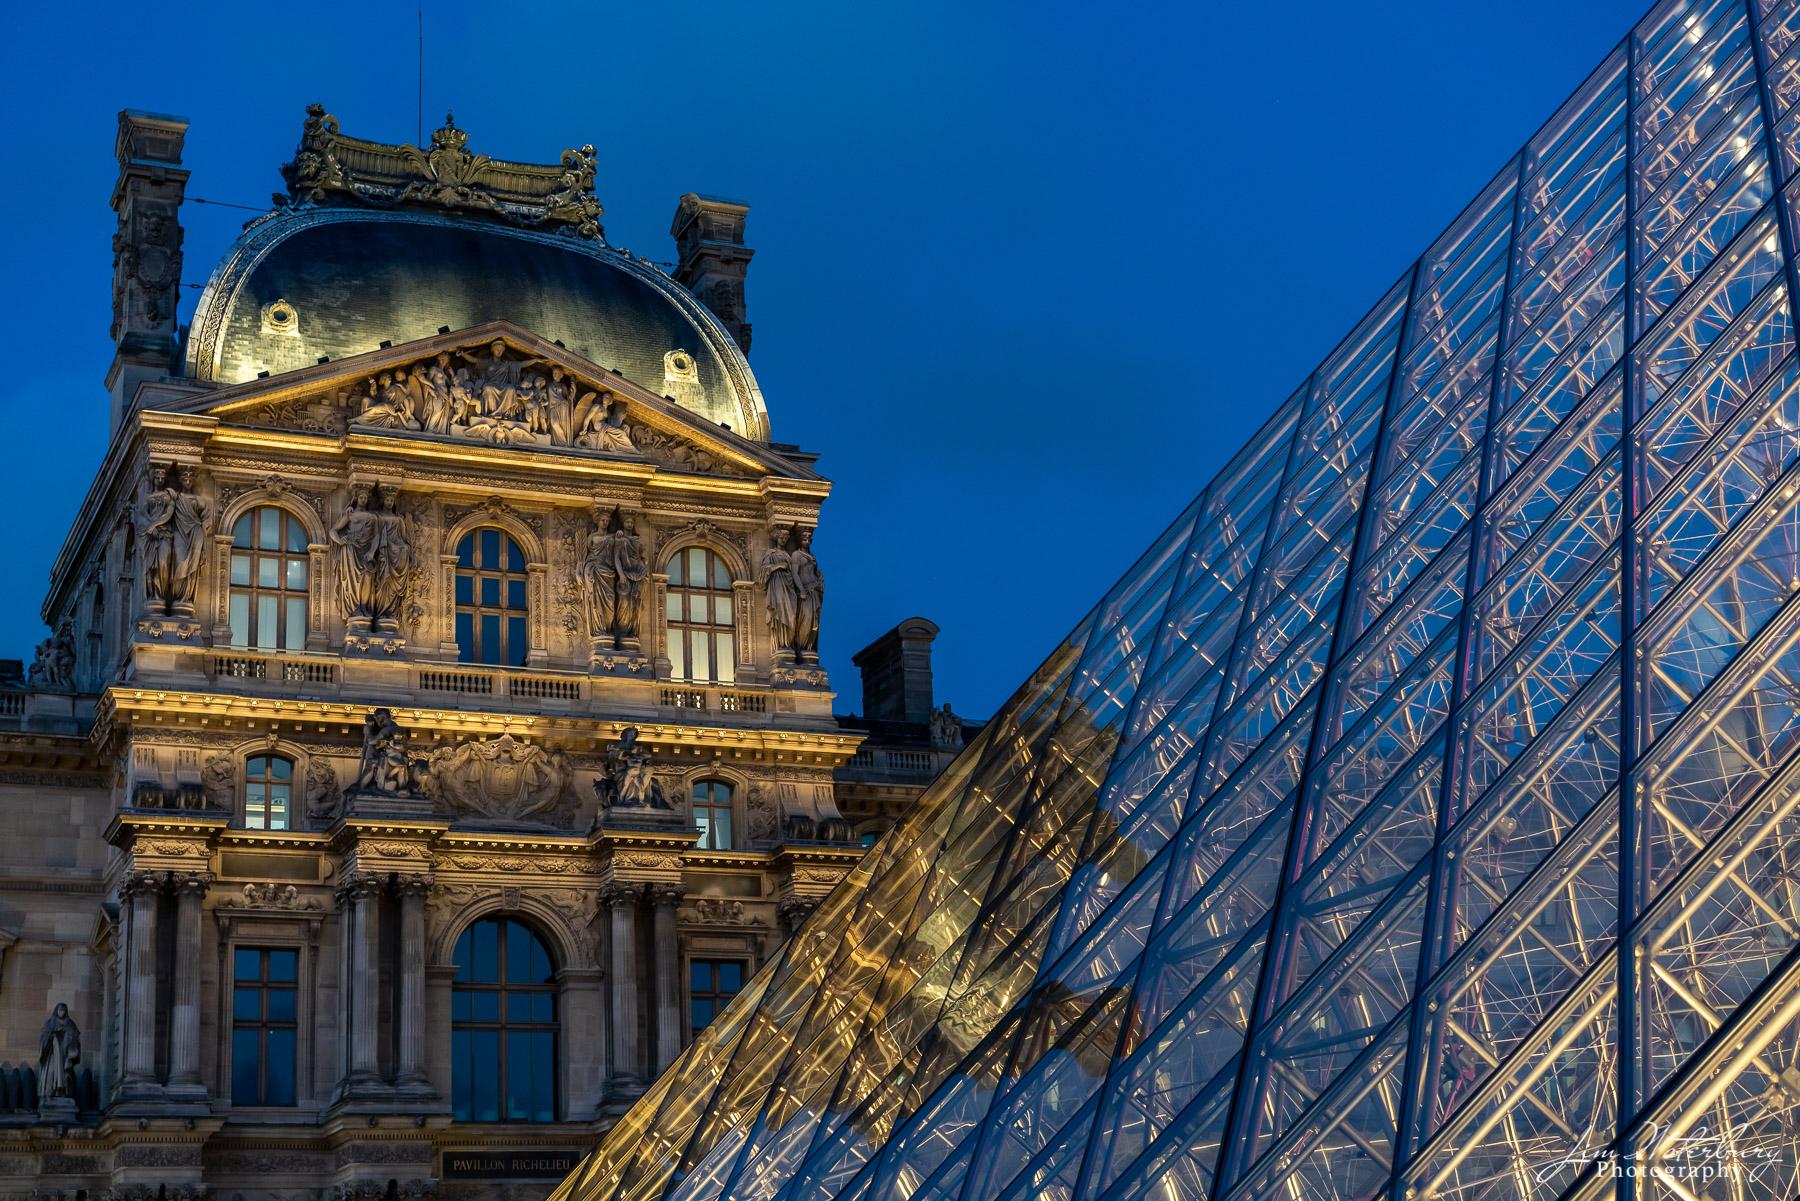 Paris, Louvre, palais du louvre, pyramid, windows, photo